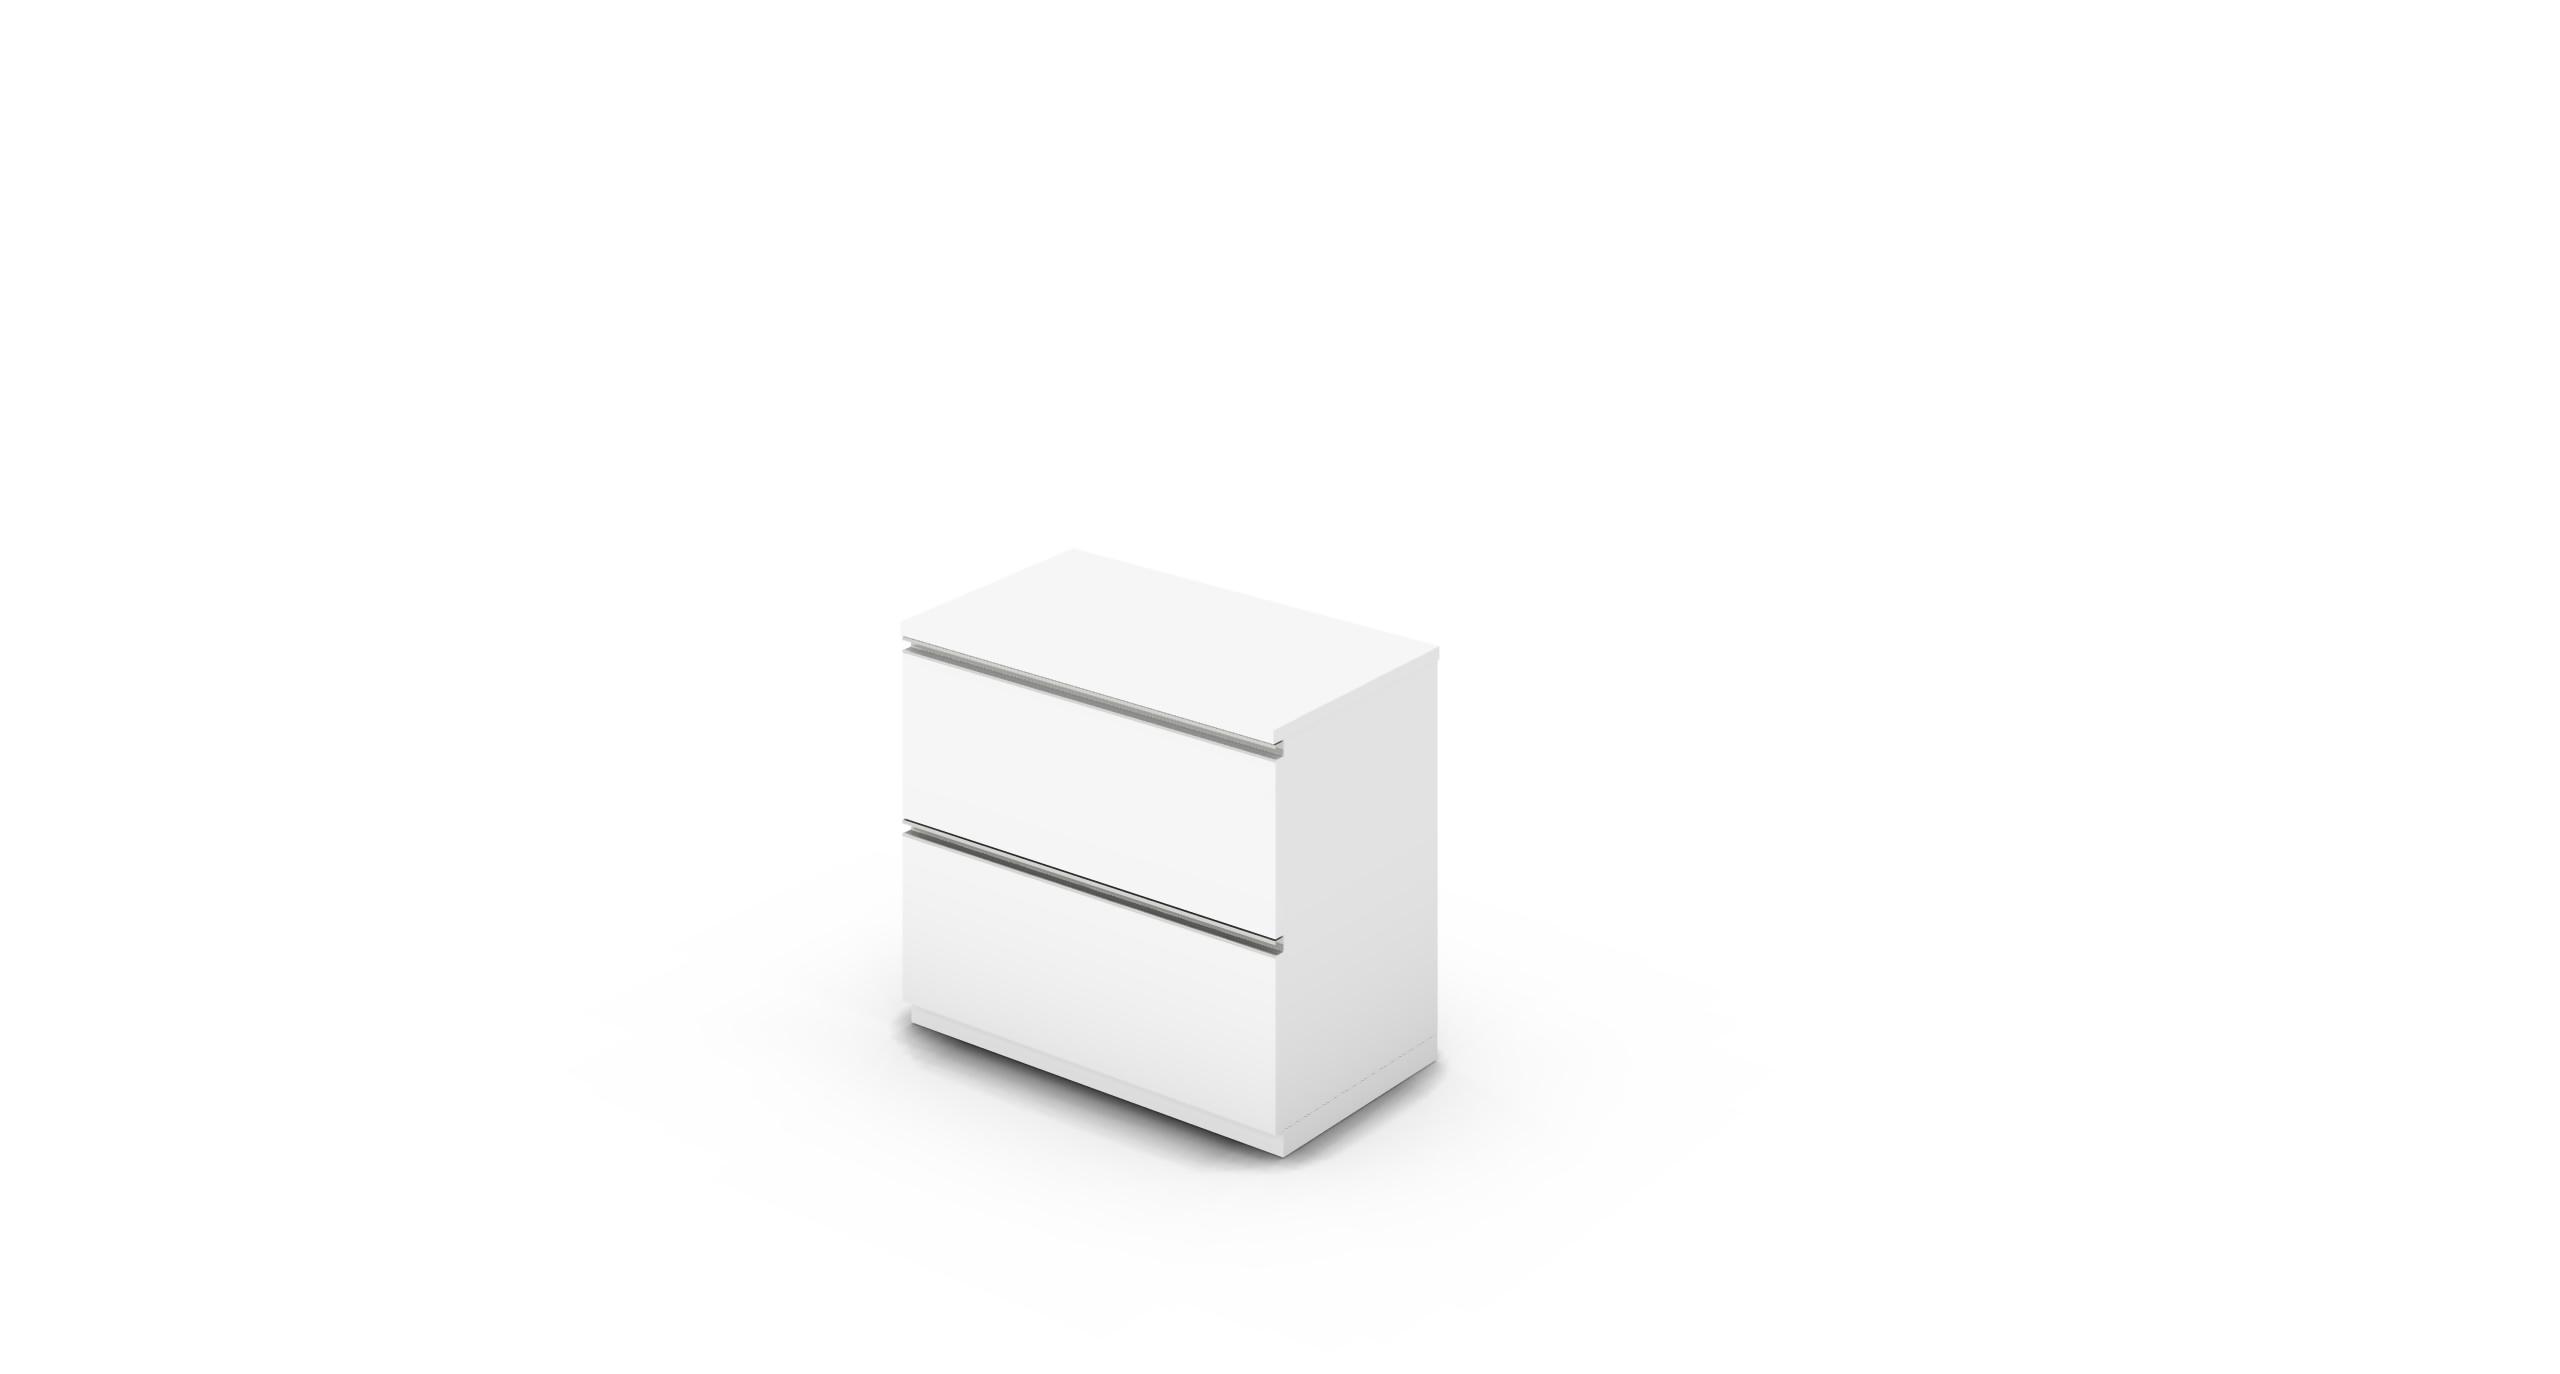 Cabinet_800x450x775_DR_White_Rail_NoCylinder